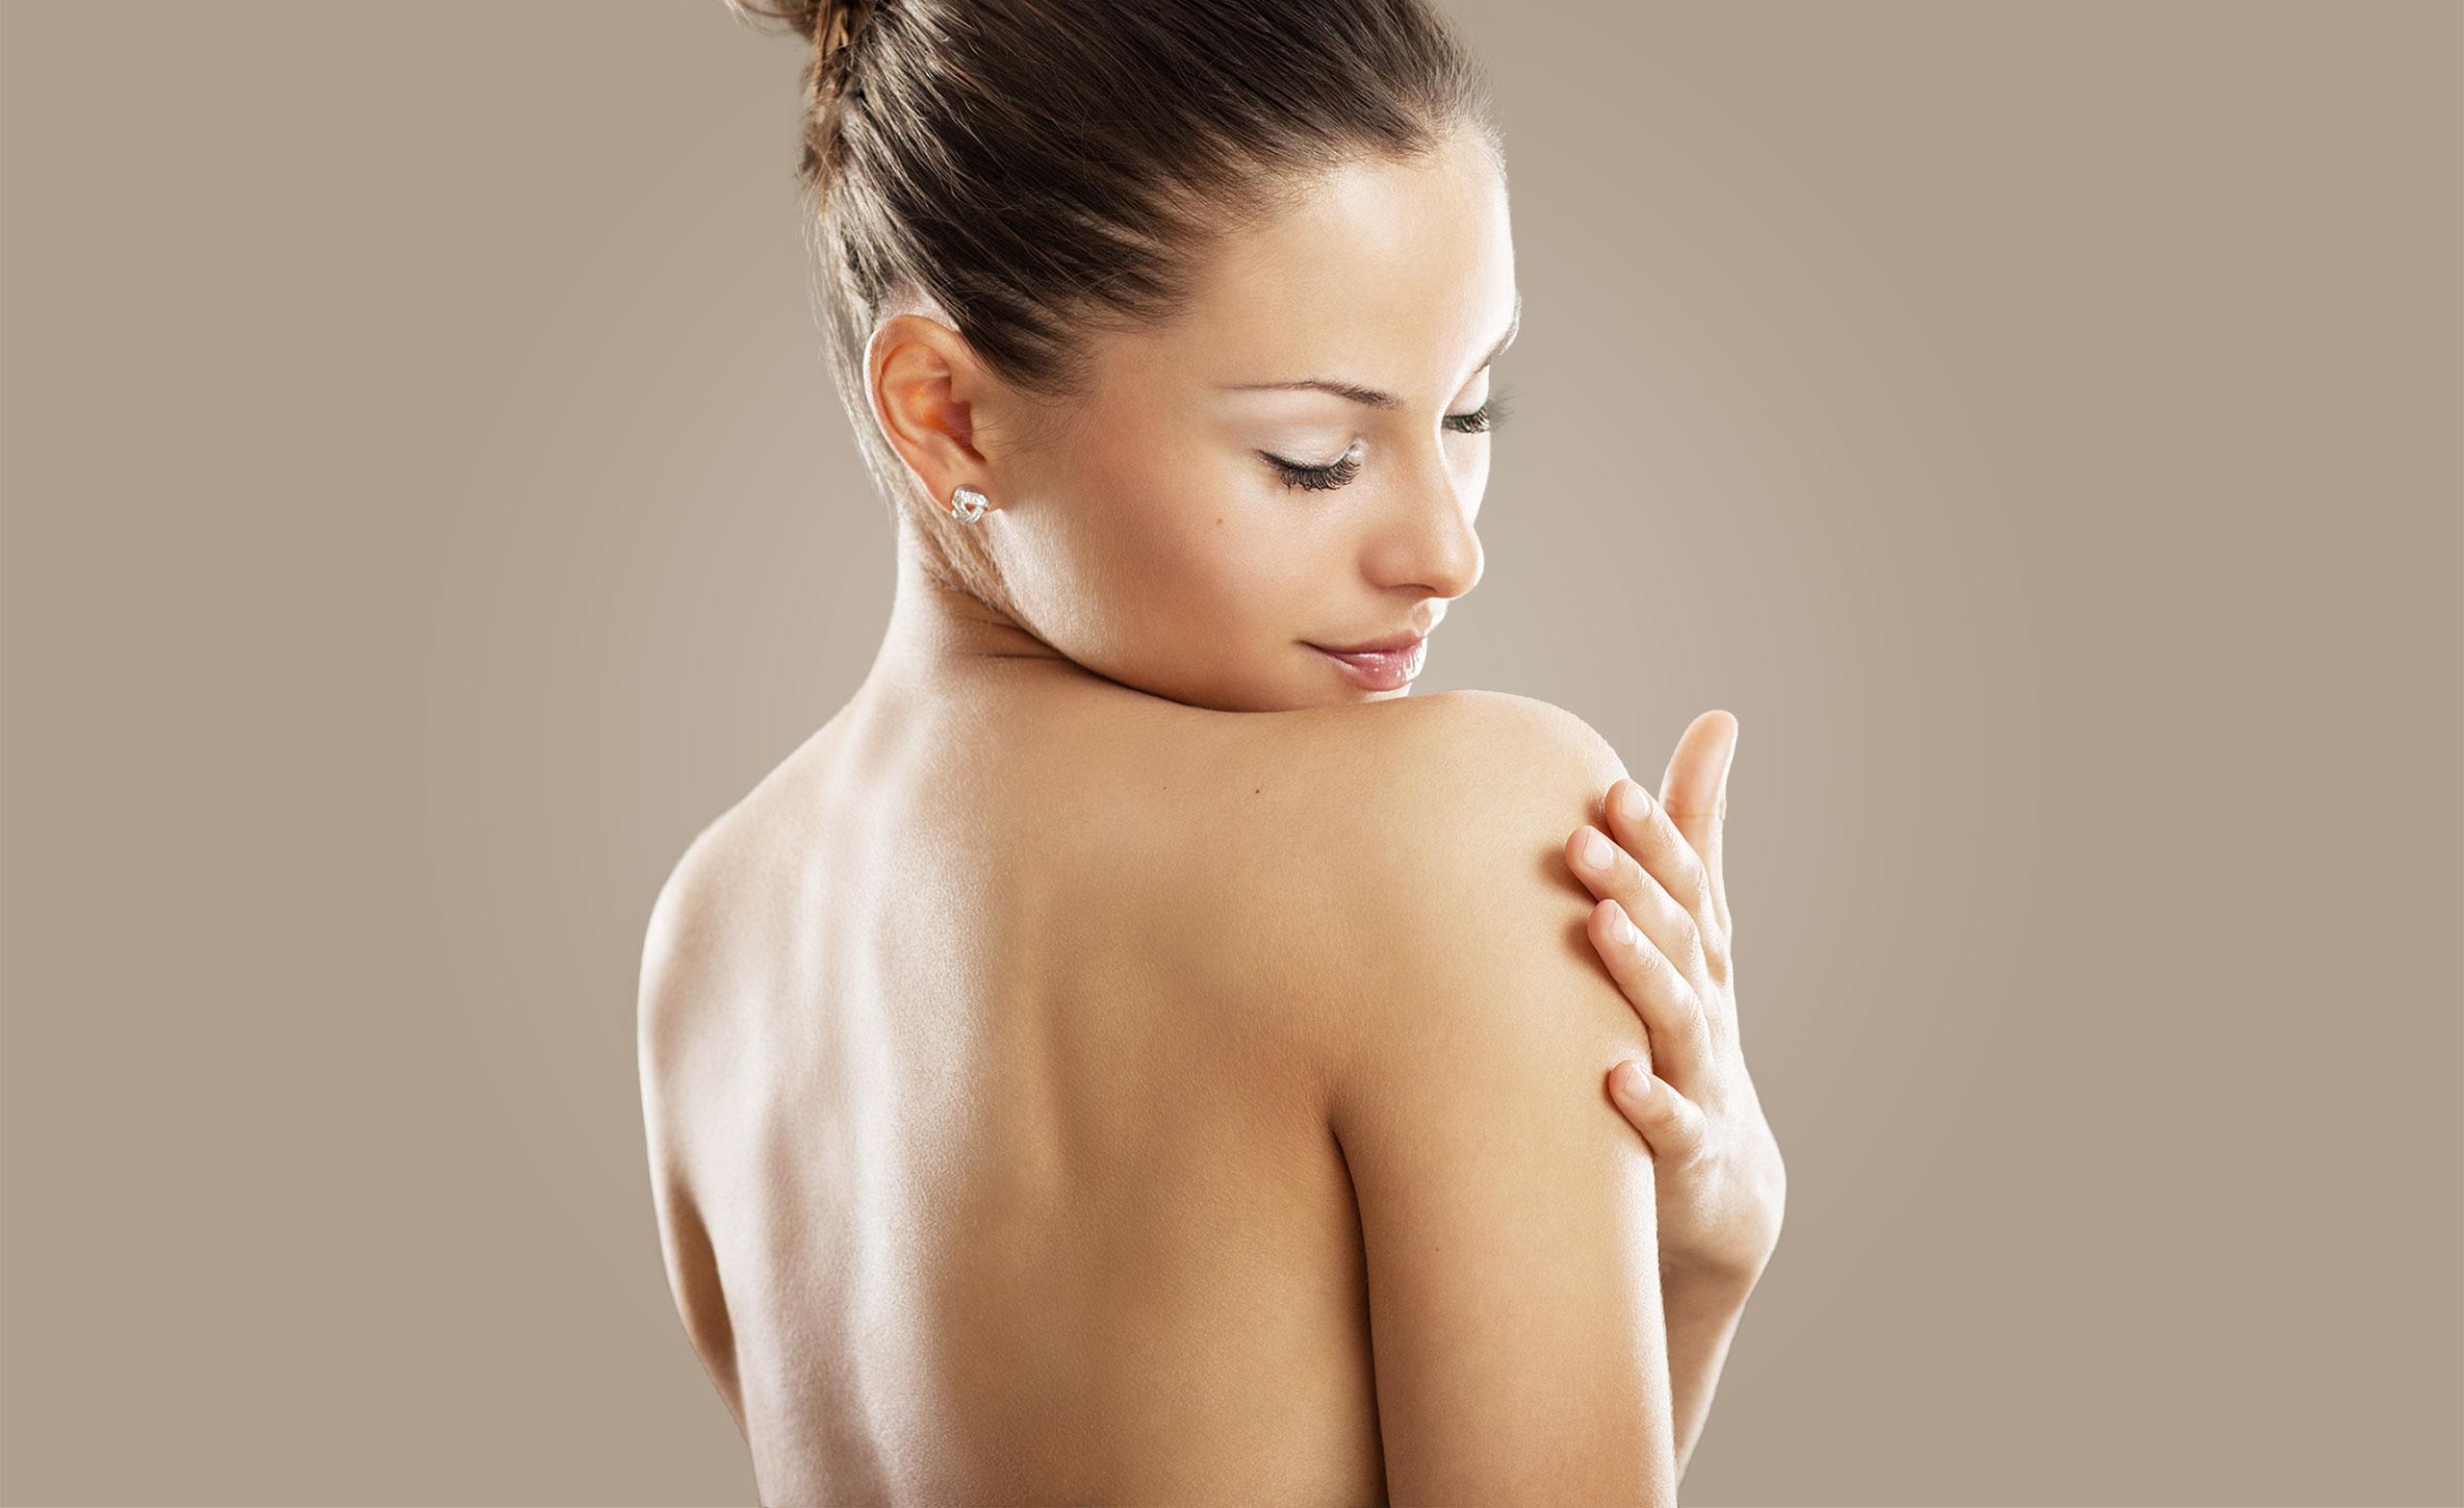 Eigenfett in der Behandlung von Narben. Effektiv?